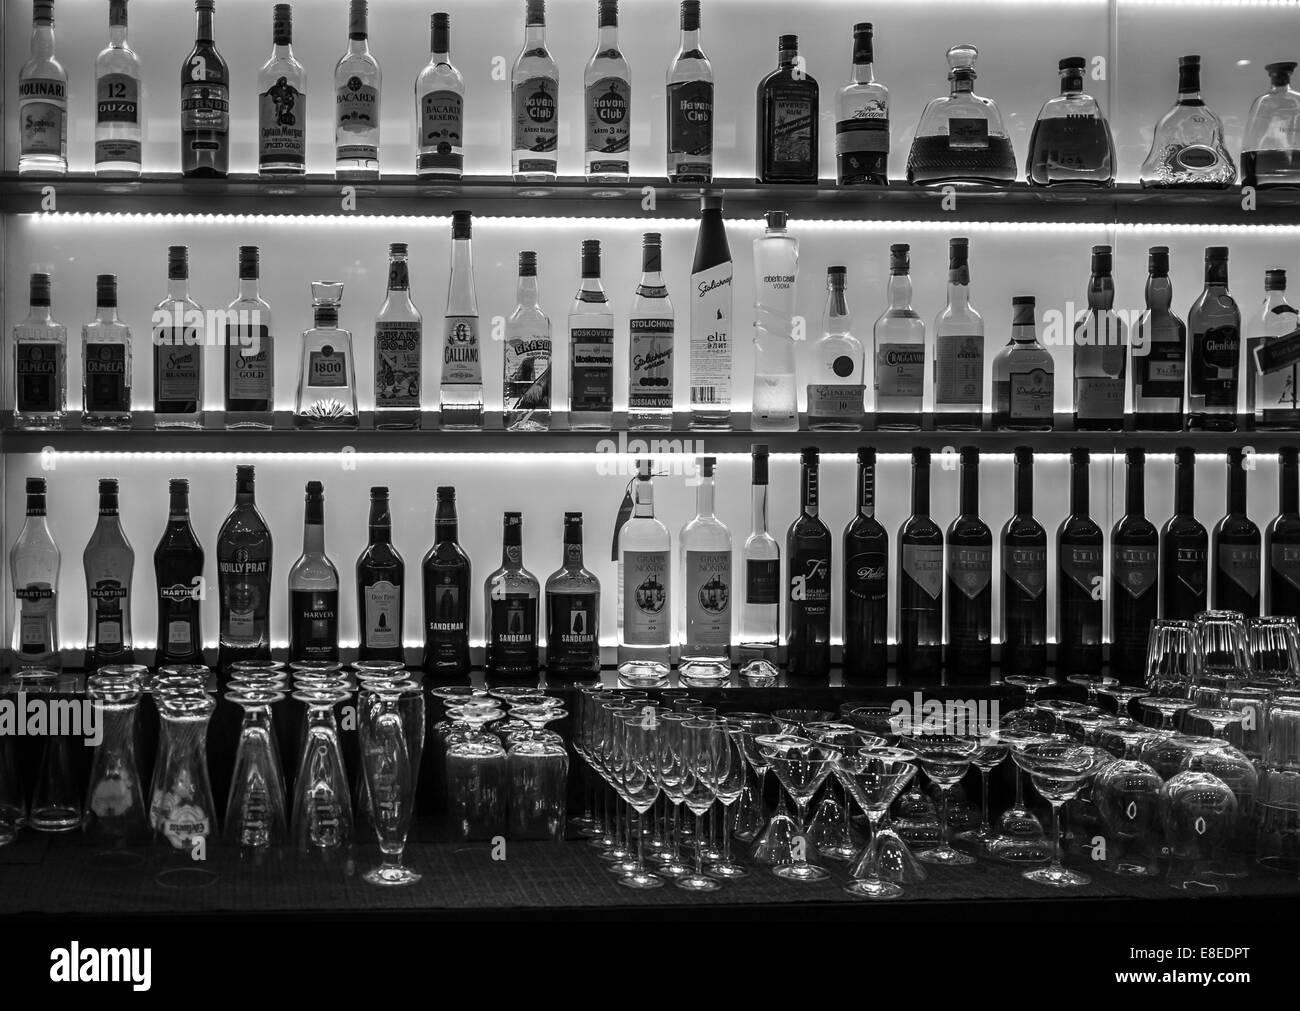 Liquor Bottles On Bar Counter Stockfotos & Liquor Bottles On Bar ...